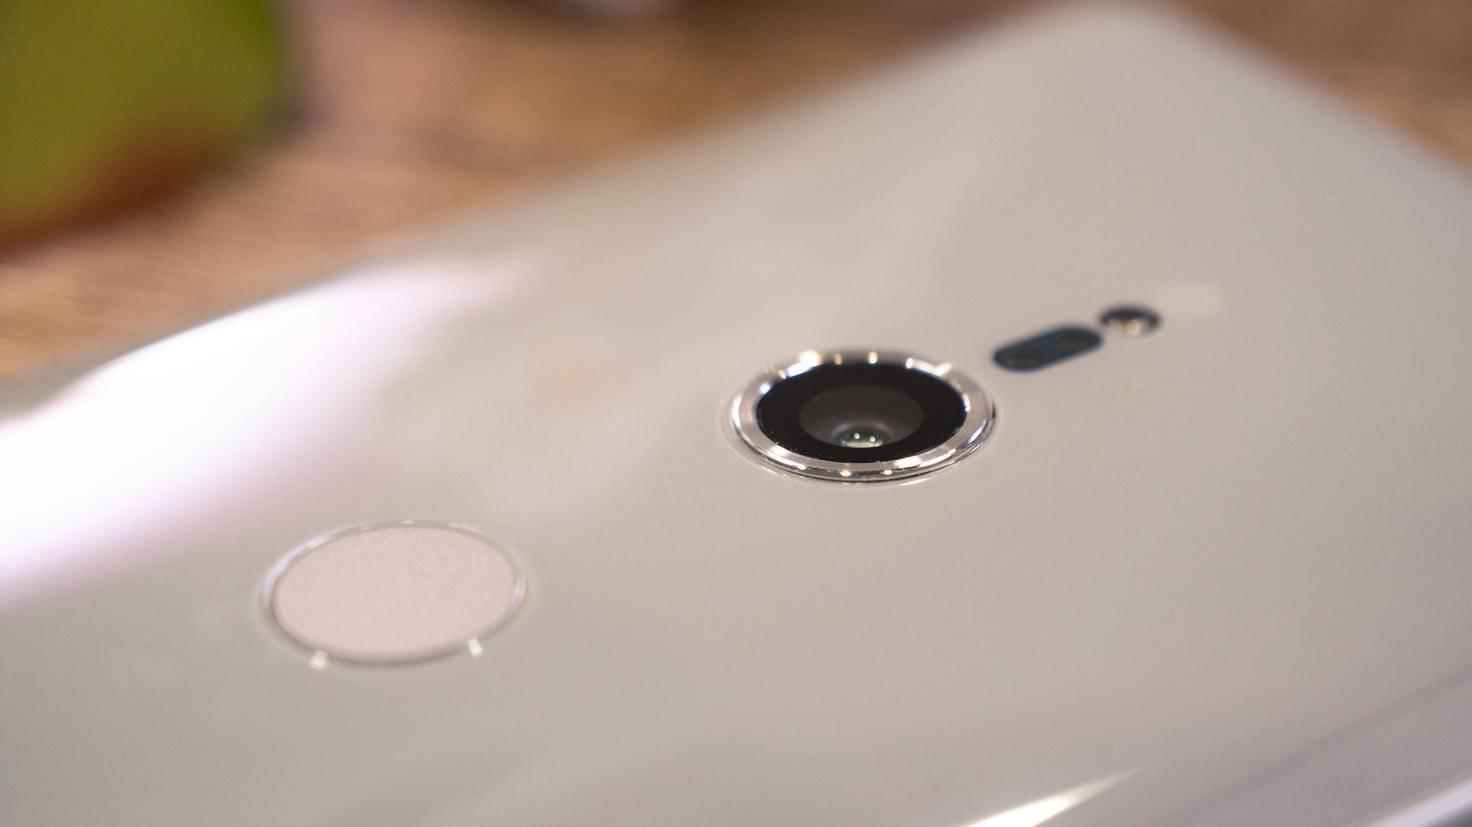 Sony-Xperia-XZ2-6-TURN-On